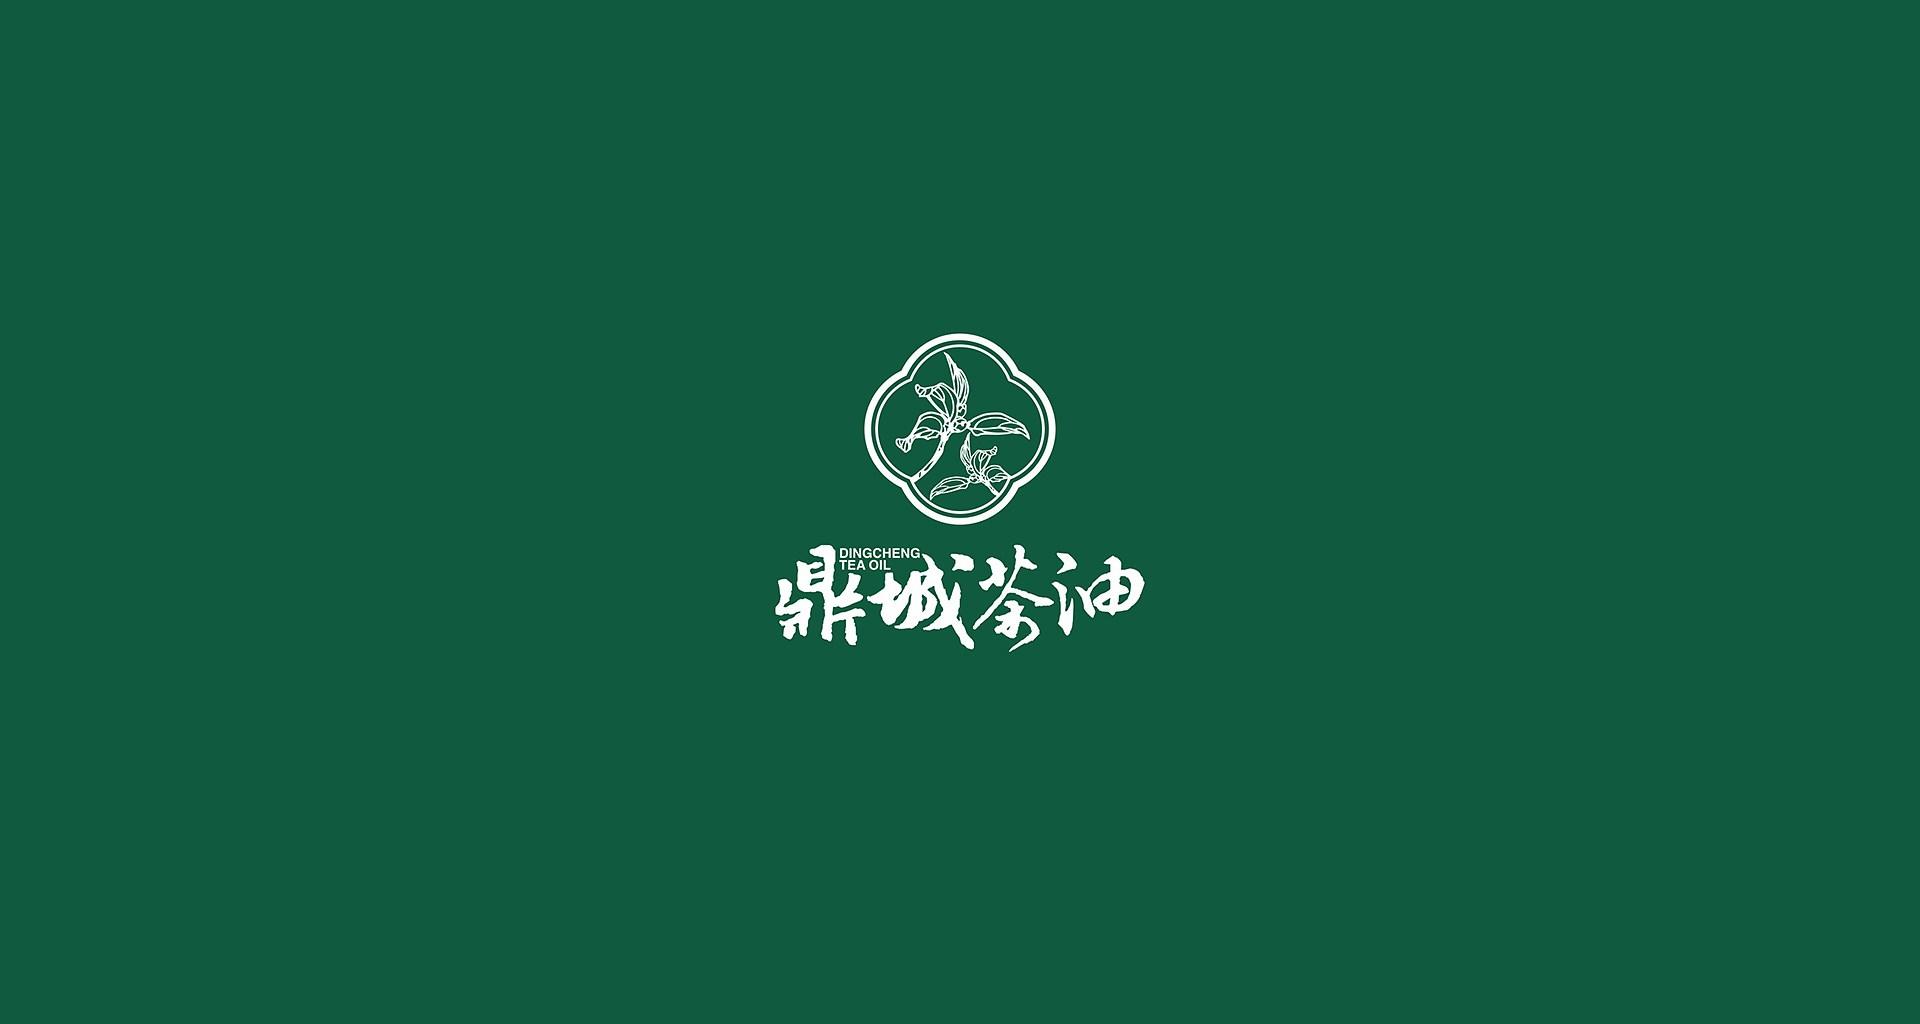 鼎城茶油_0005.JPG